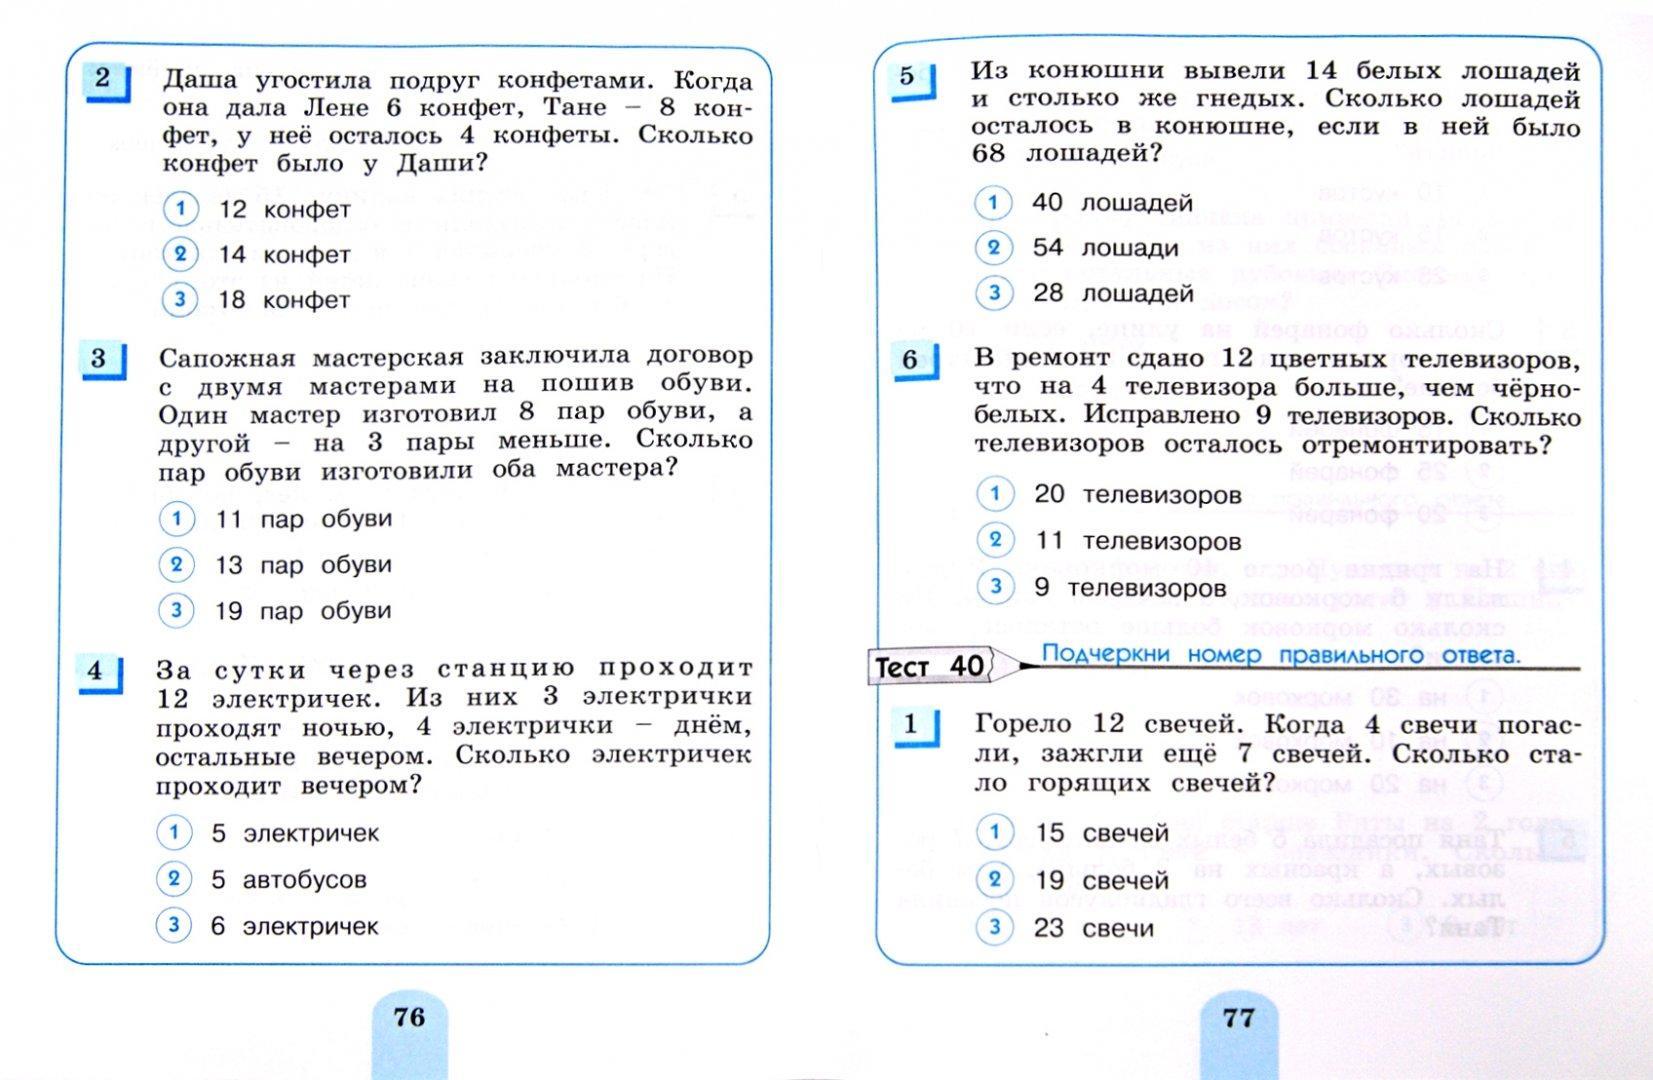 Иллюстрация 1 из 27 для Математика. 2 класс. Тестовые задания (с выбором одного верного ответа). ФГОС - Истомина, Горина | Лабиринт - книги. Источник: Лабиринт